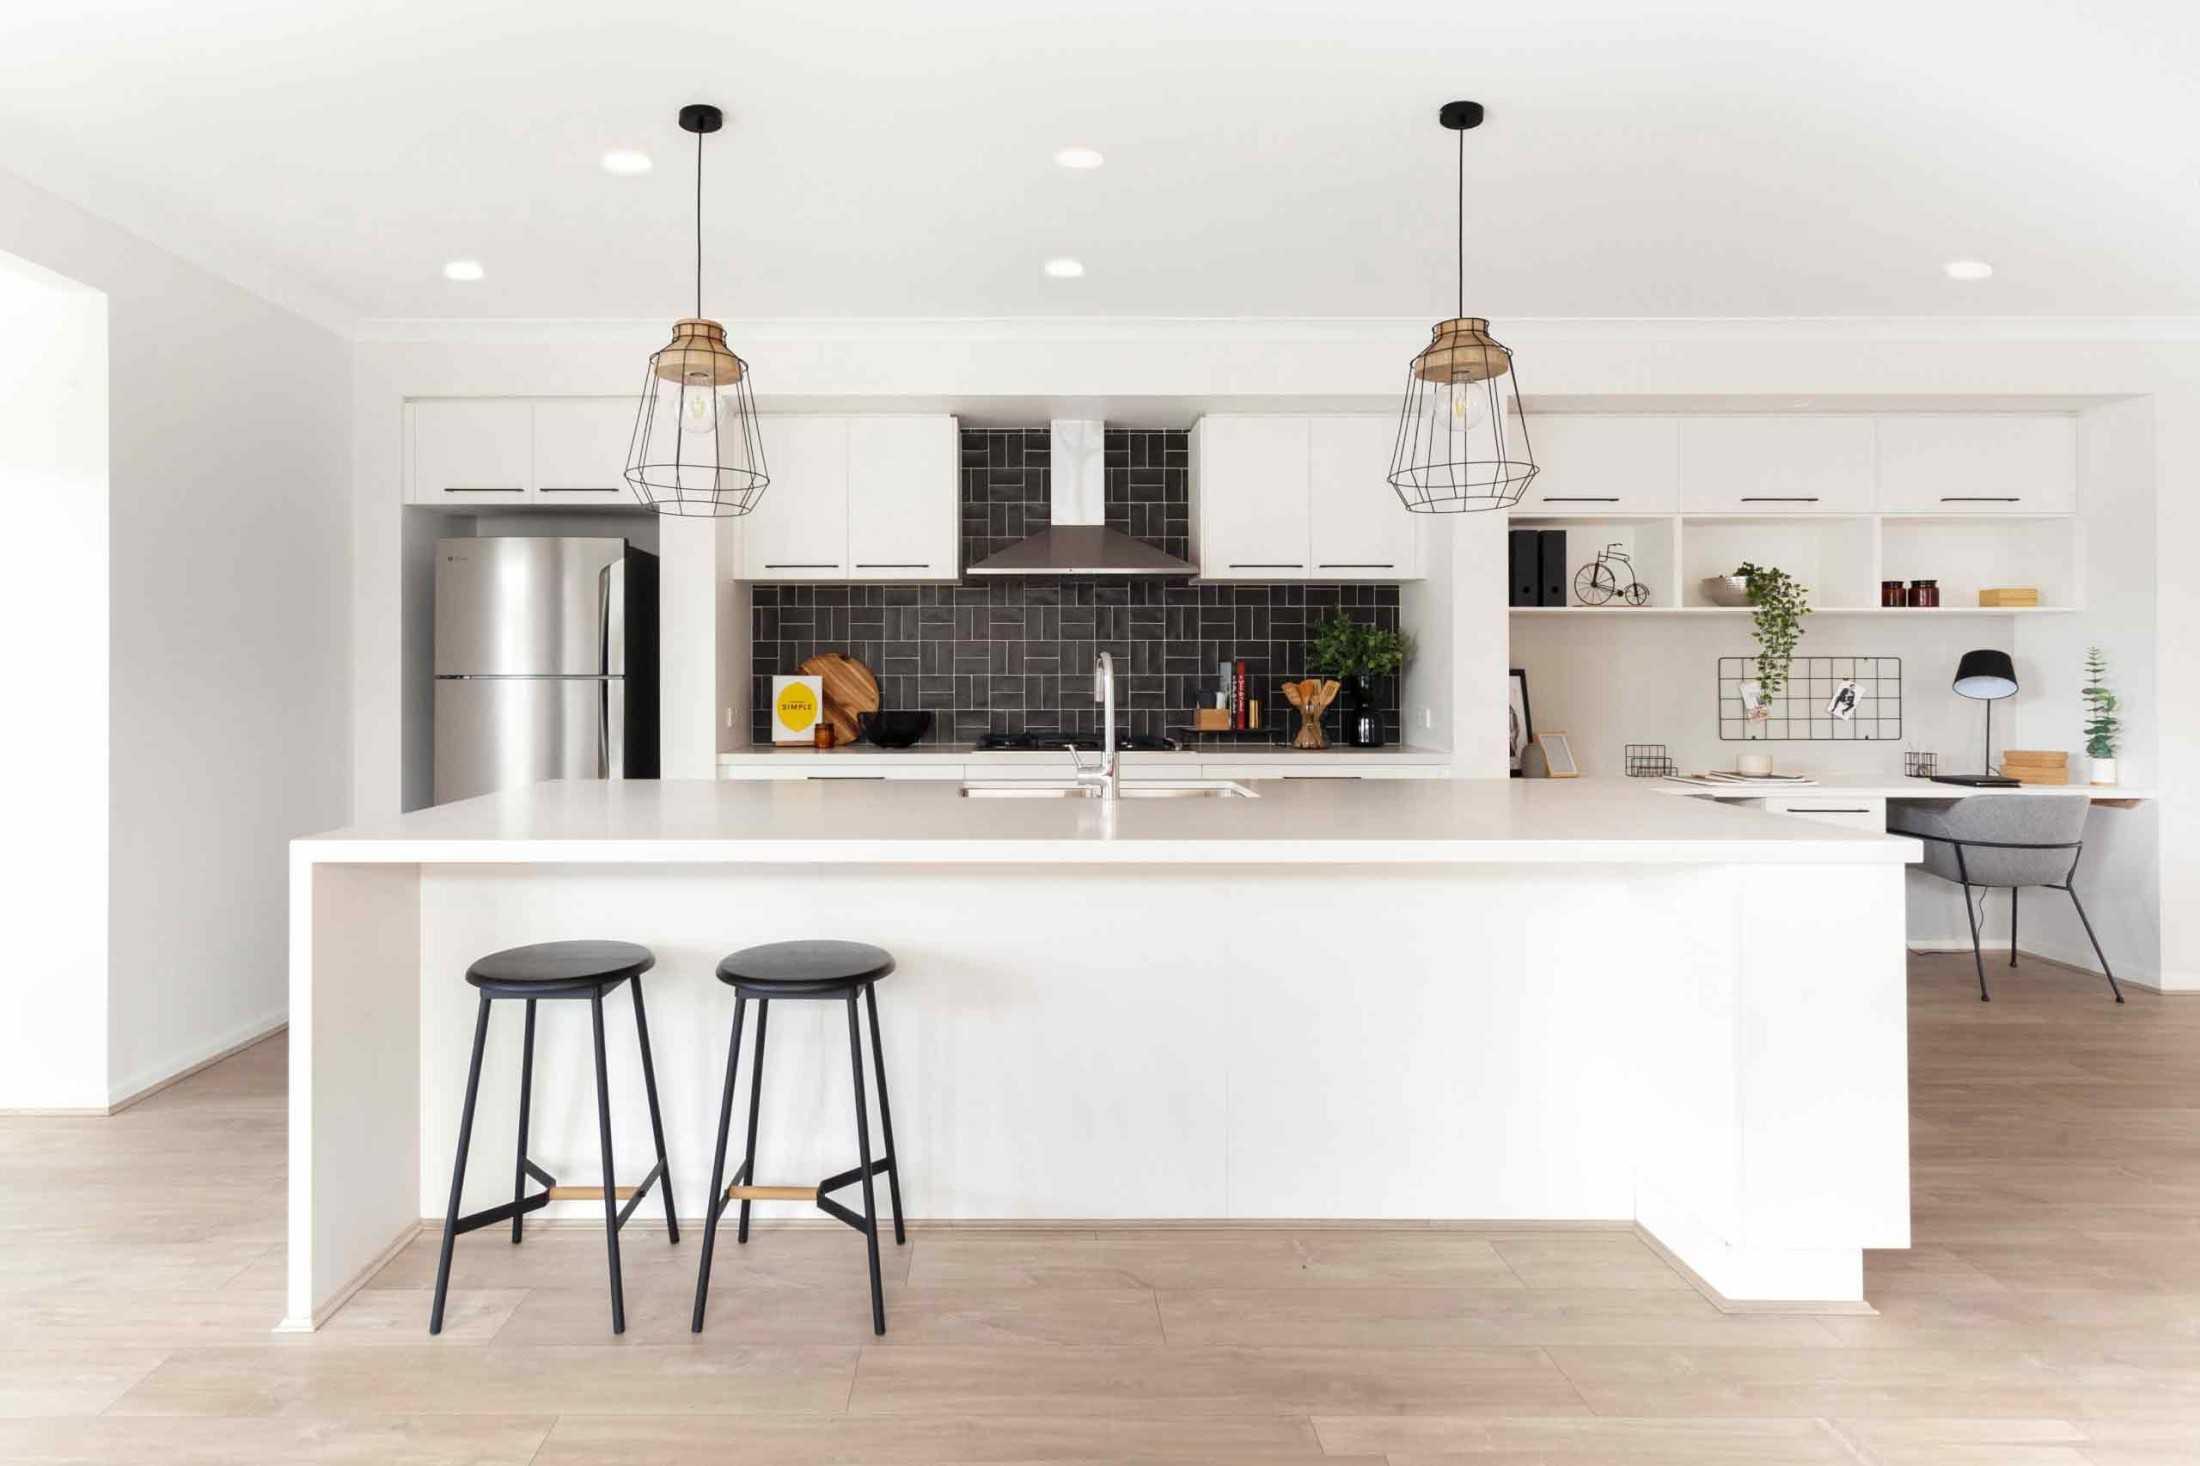 Desain Kitchen Office untuk Anda yang Bekerja dari Dapur Rumah | Foto artikel Arsitag